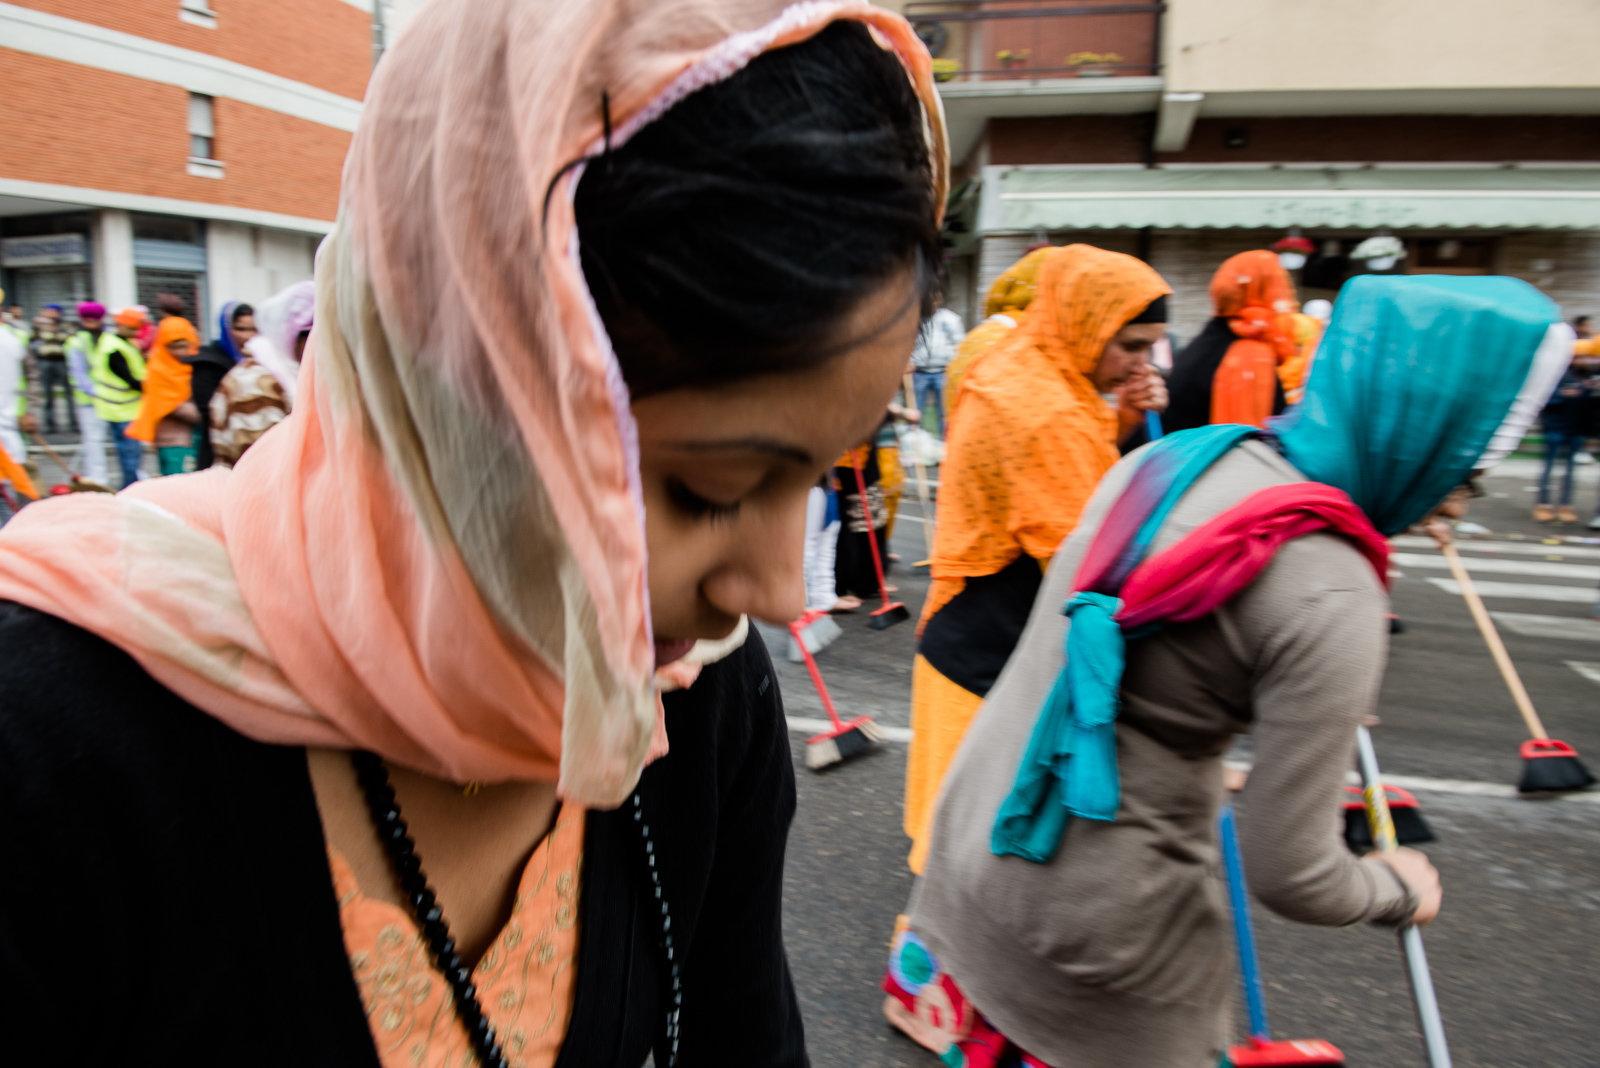 0021_20130420_Sikh2_1403.jpg